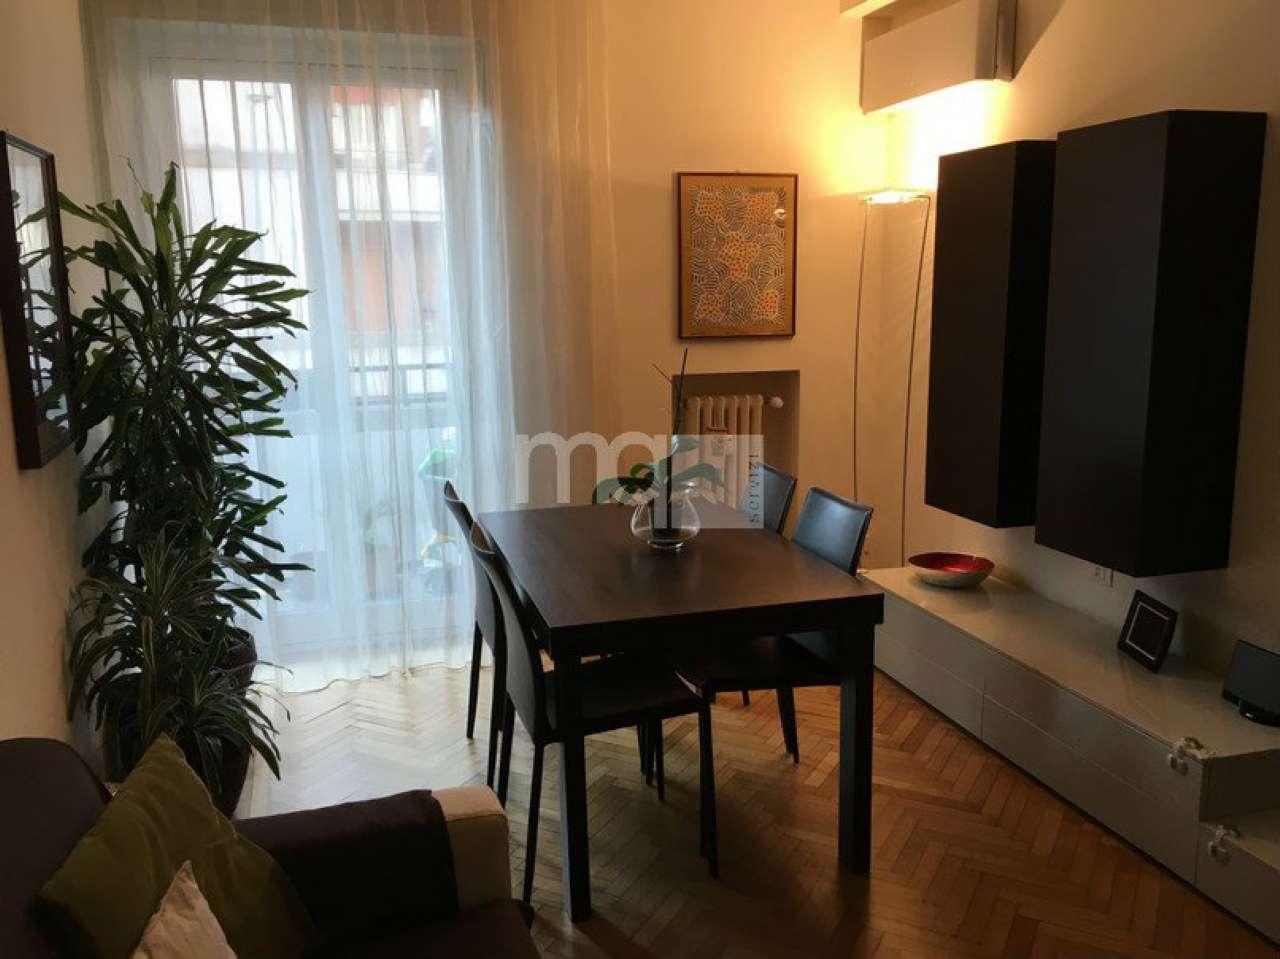 Appartamento in vendita a Milano, 3 locali, zona Zona: 5 . Citta' Studi, Lambrate, Udine, Loreto, Piola, Ortica, prezzo € 330.000 | CambioCasa.it